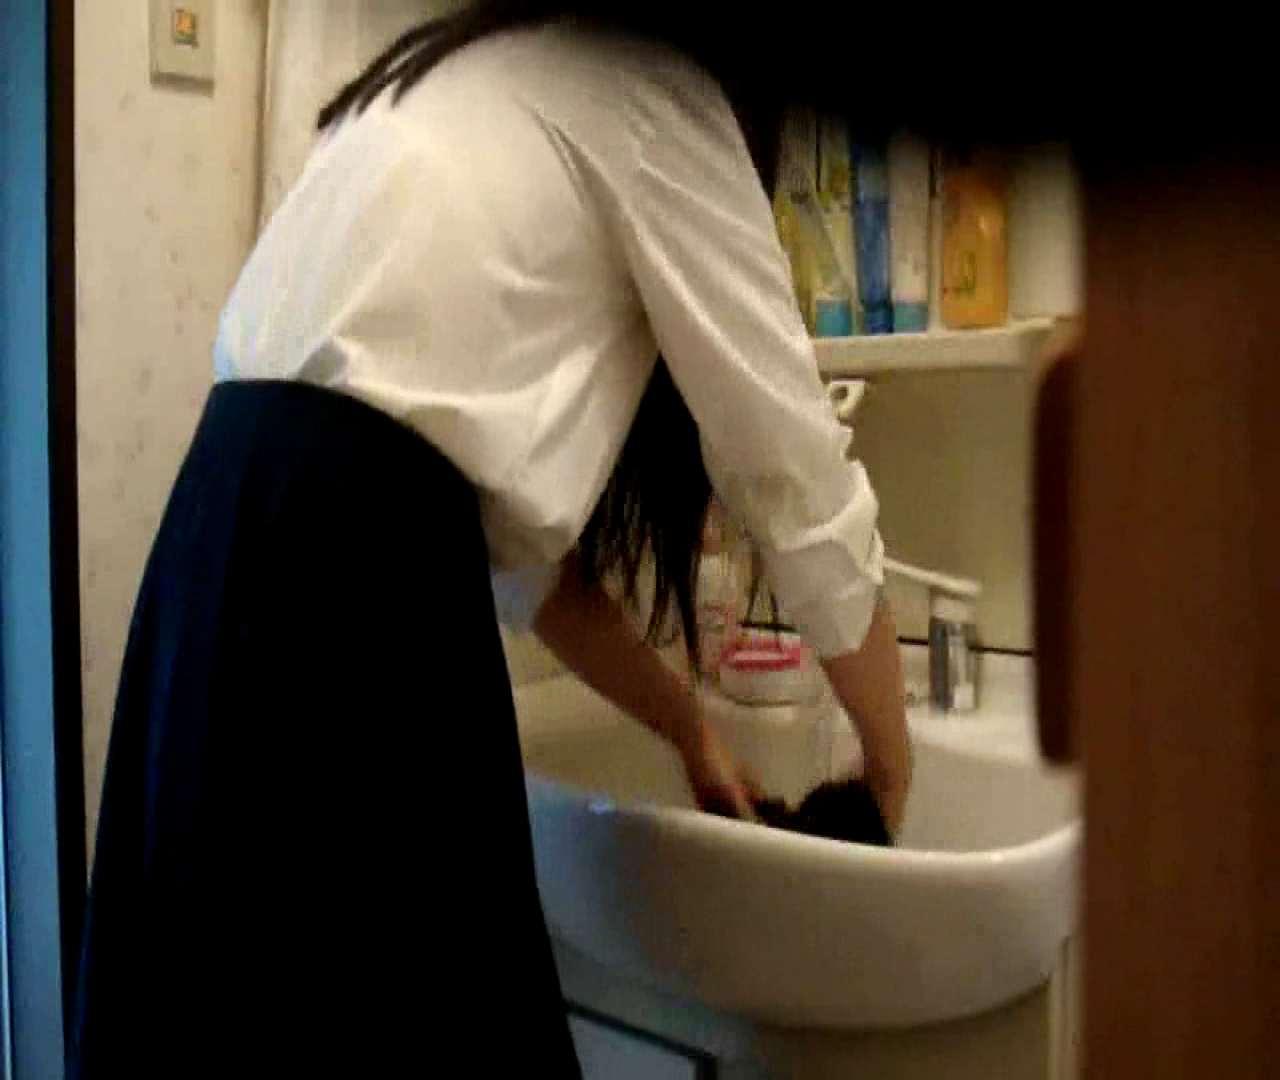 二人とも育てた甲斐がありました… vol.05 まどかが洗顔後にブラを洗濯 盗撮シリーズ | おまんこ見放題  79PIX 65